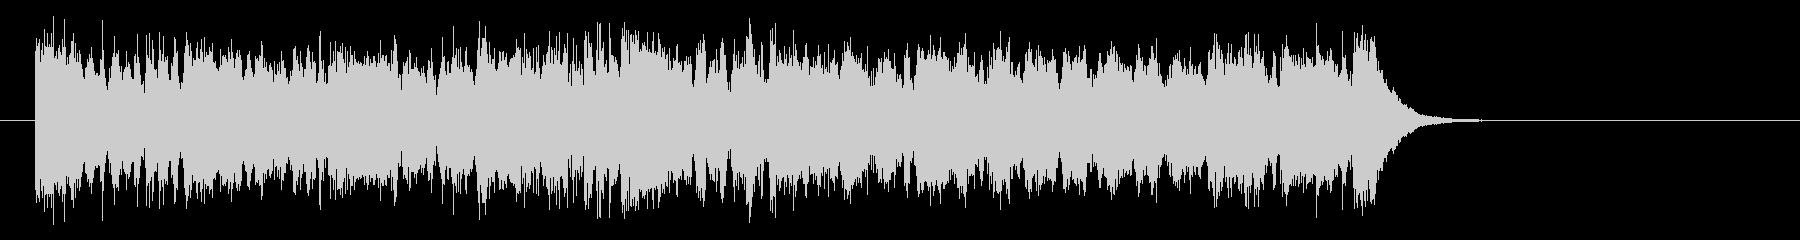 勇者のオーケストラ風音楽(サビ)の未再生の波形